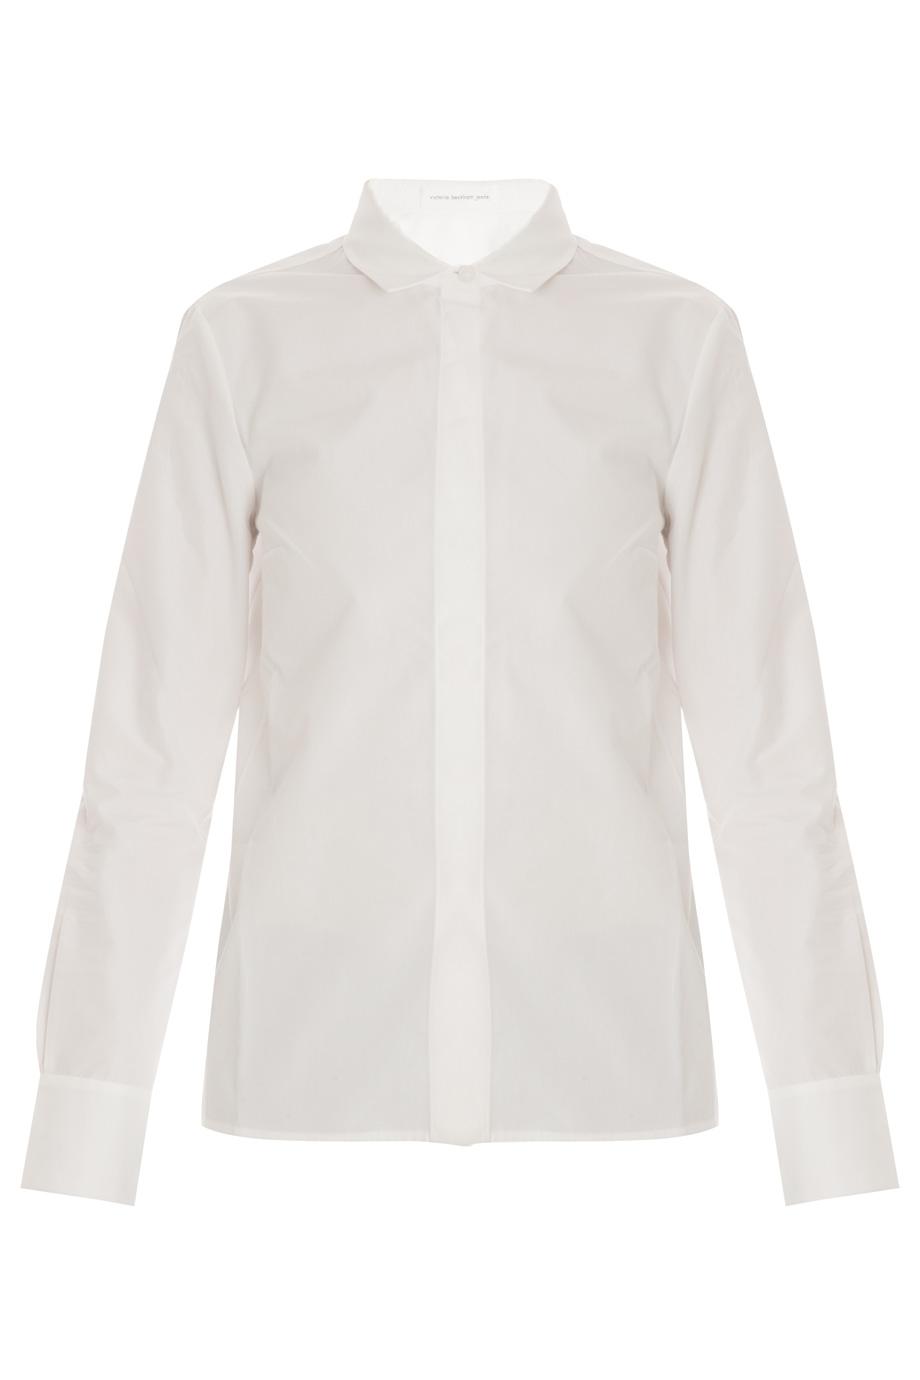 Victoria Beckham Cotton Sports Shirt In White Lyst